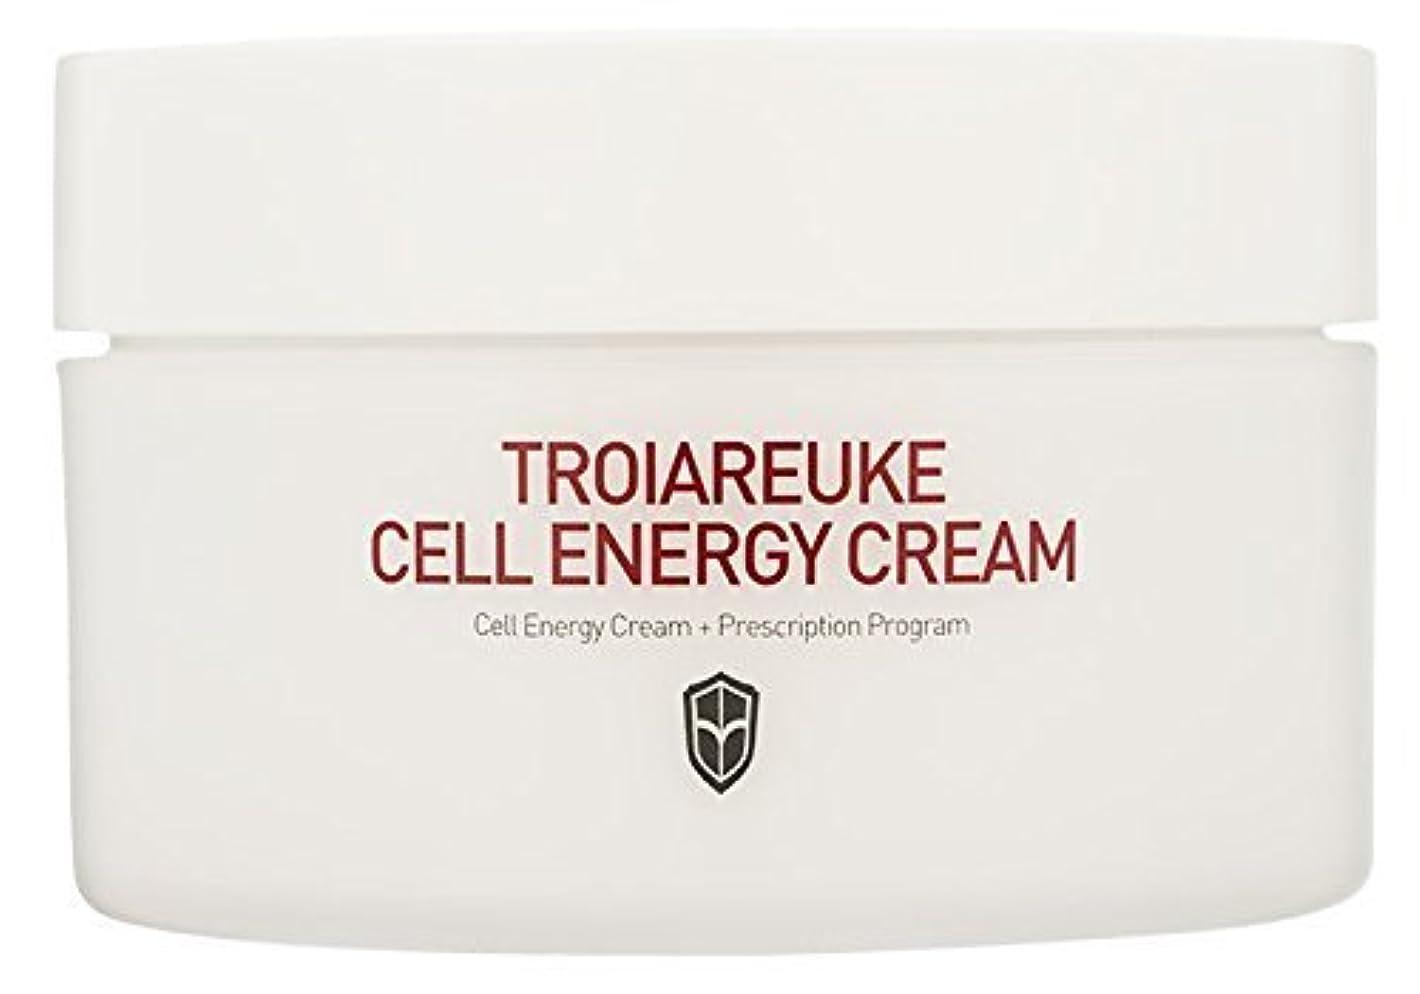 うねるメロン完了TROIAREUKE セル エネルギー クリーム / Cell Energy Cream (125ml) [並行輸入品]